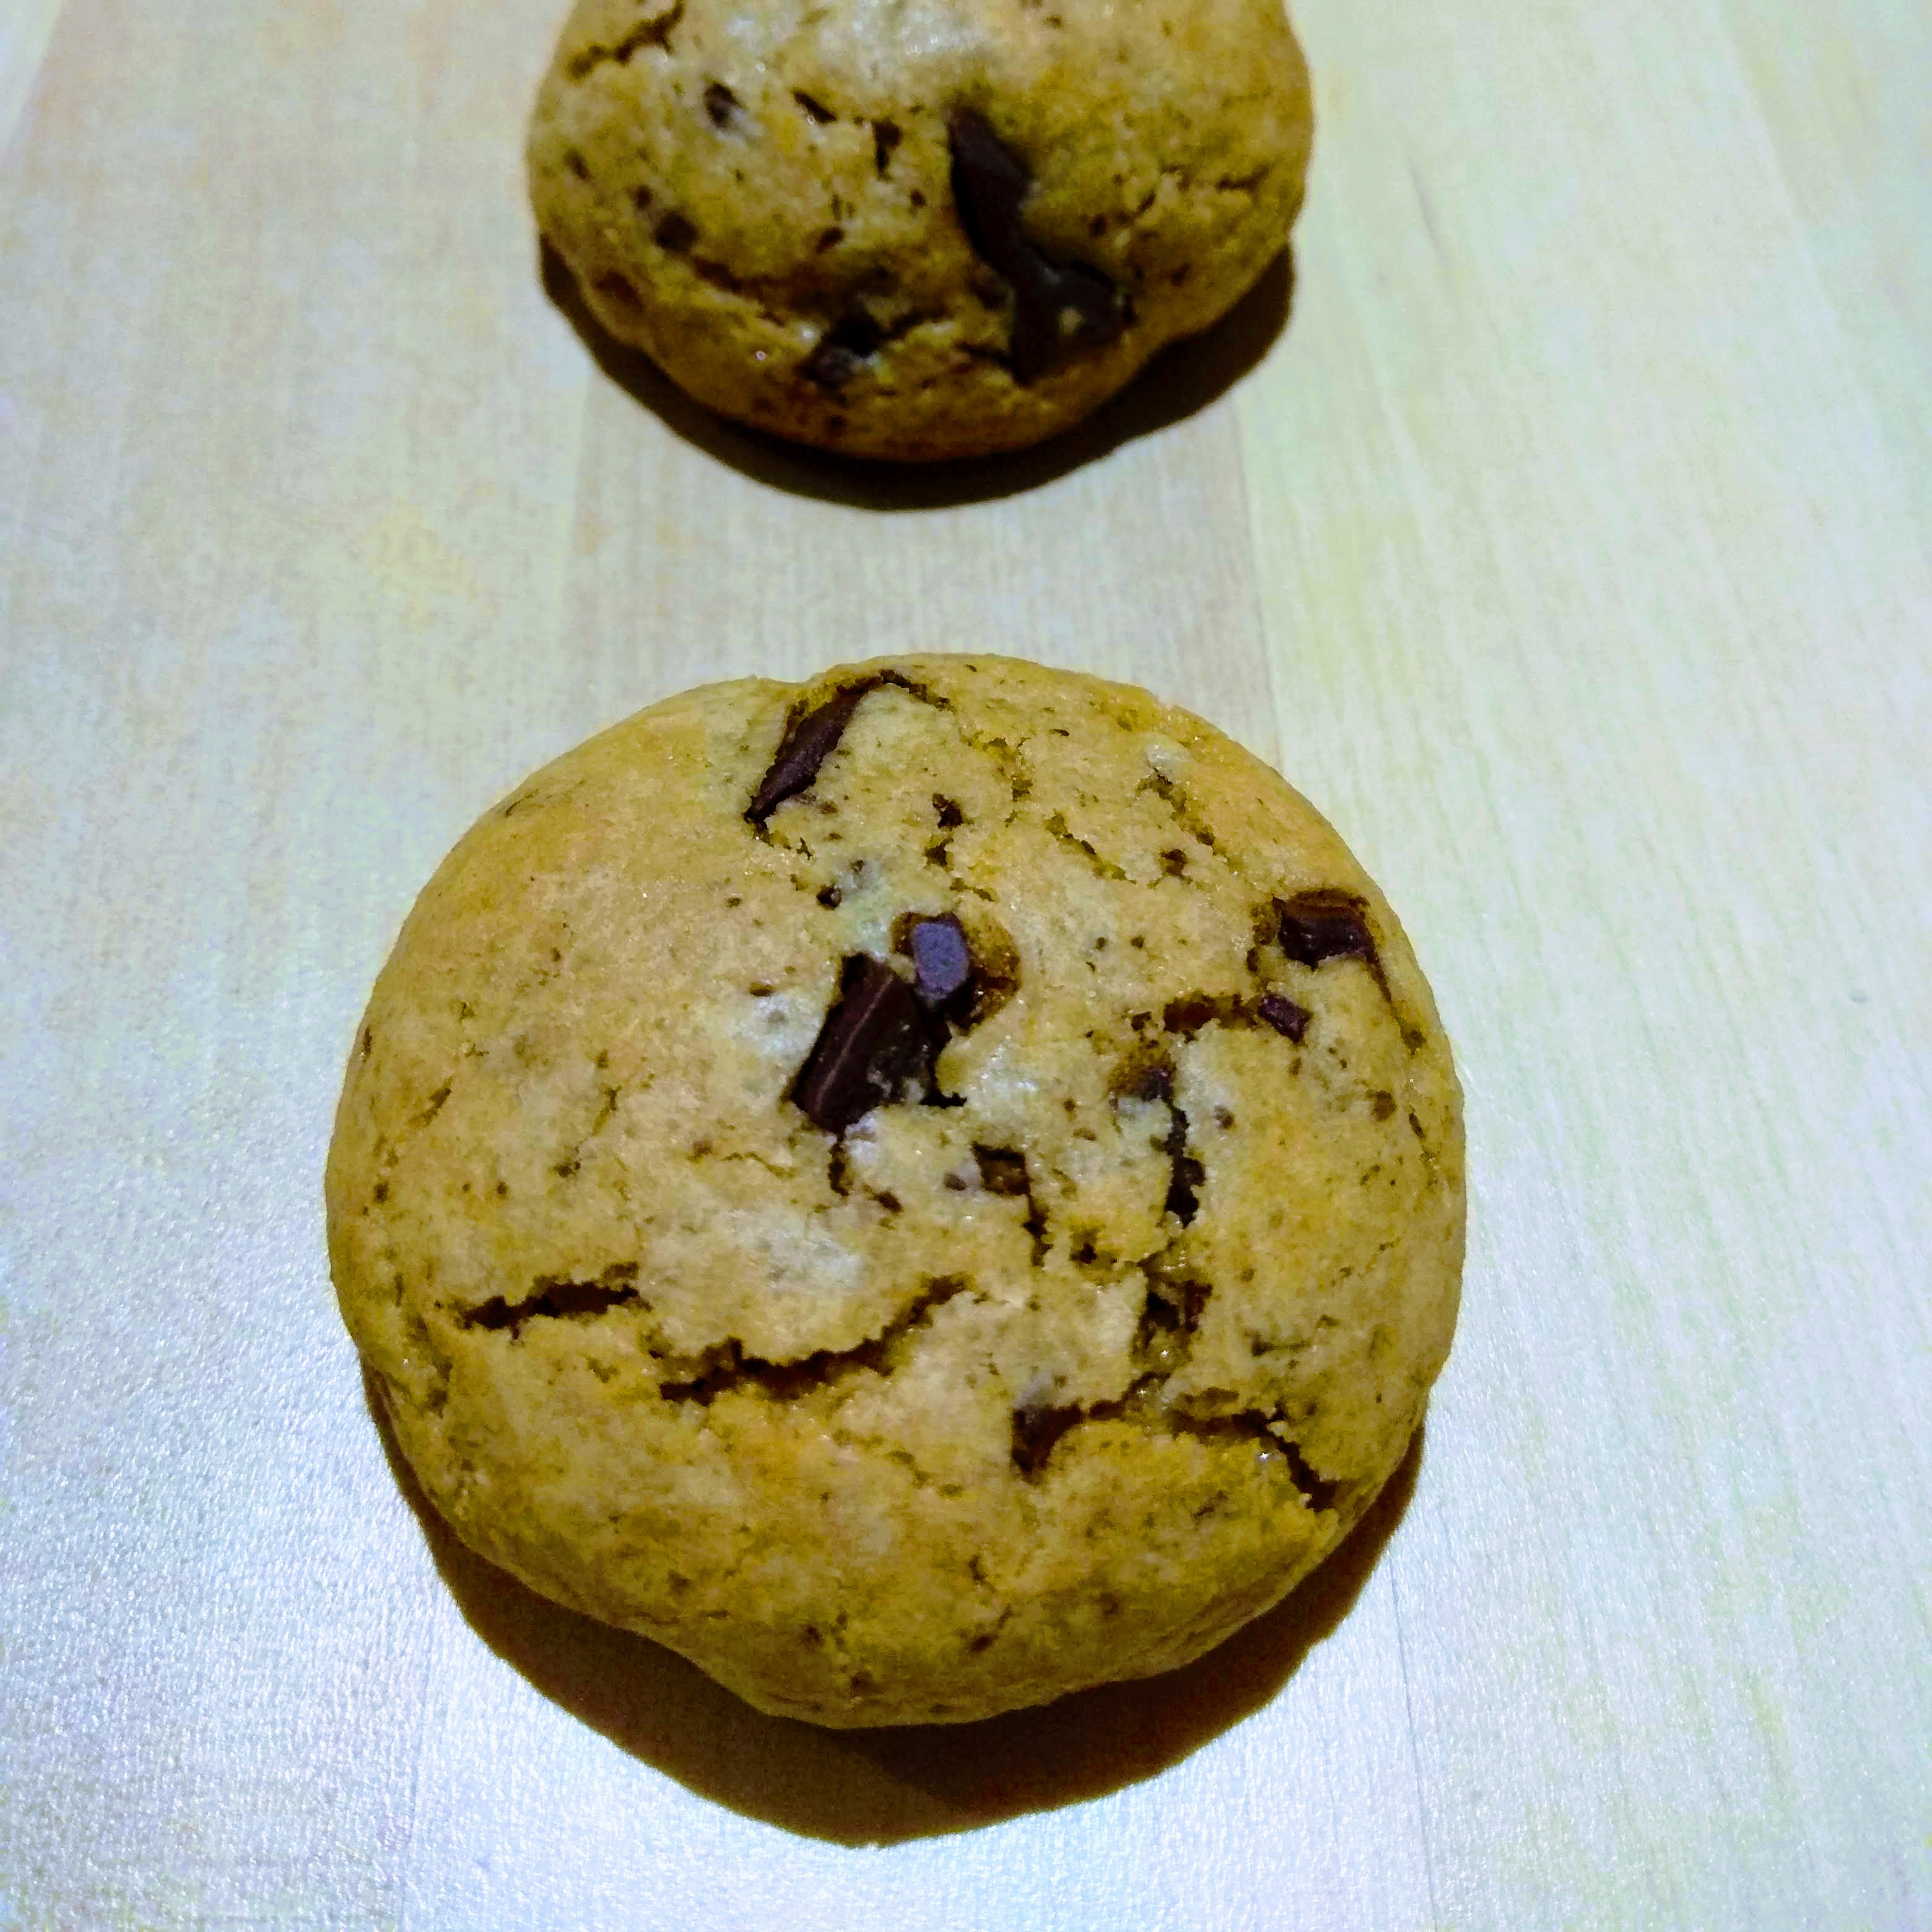 Receta de cookies de praliné y chocolate negro. Descúbrela en: www.cocinandoconlola.com